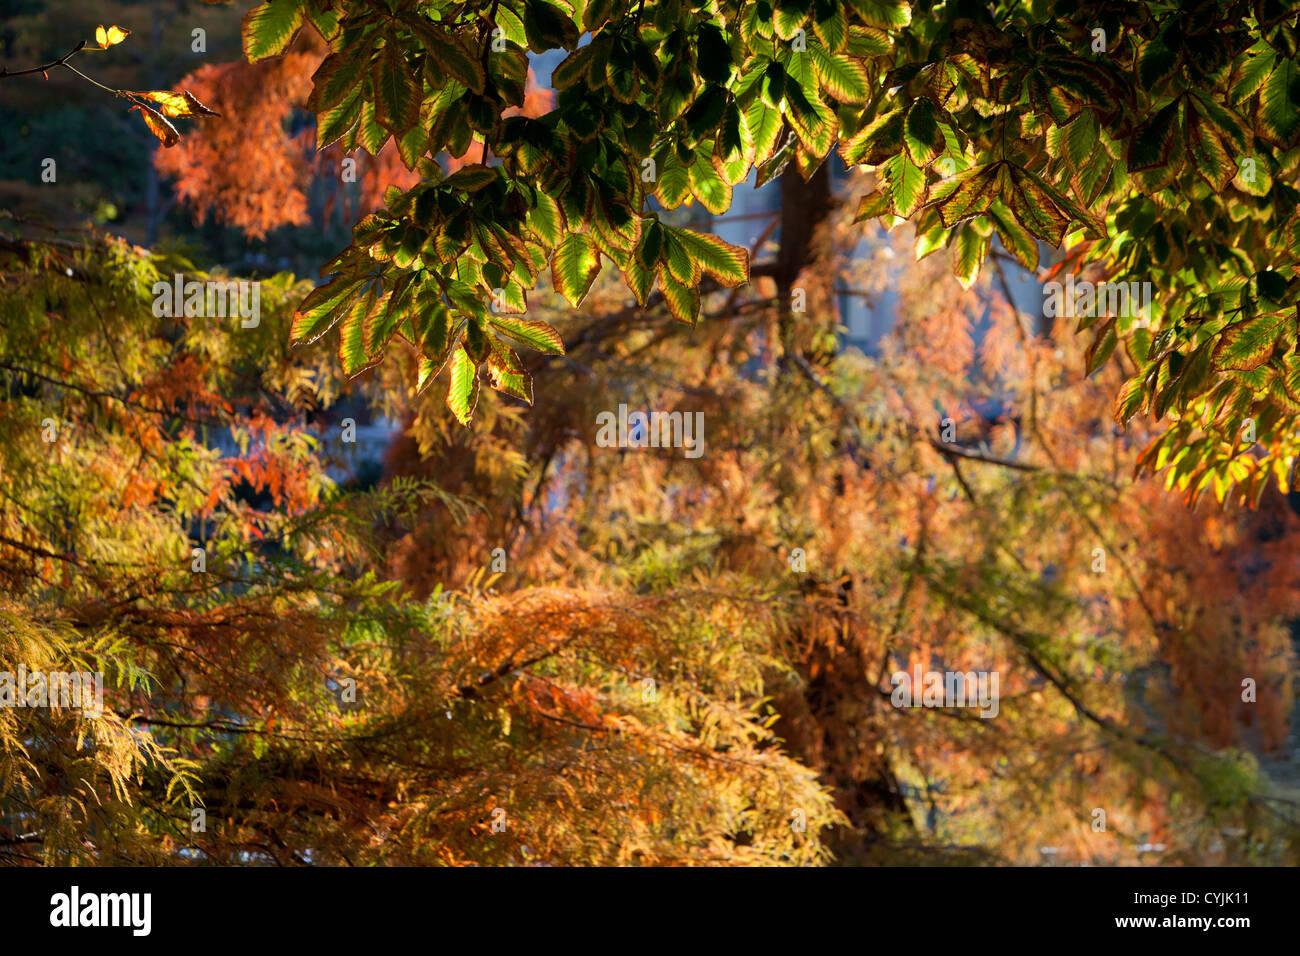 Hojas, otoño, contour, la naturaleza, el árbol, el verde, el color, la planta, sombra, luz, exterior, Imagen De Stock